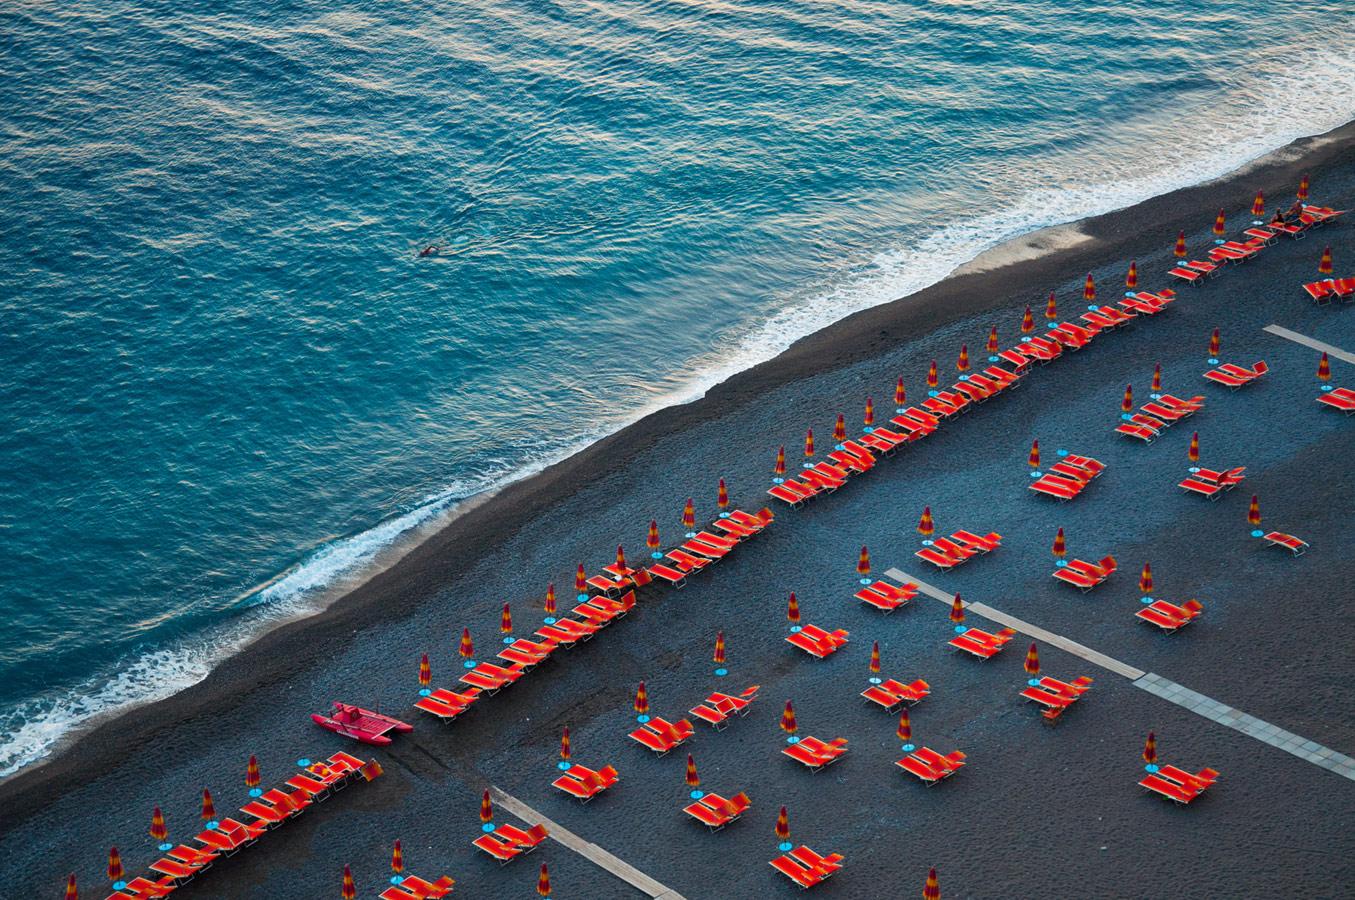 Пляж Spiaggia Grande, © Джулетте Чарвет, Бруклин, США, 1-е место в категории «Настроение места», профессионал, Фотоконкурс экстремальных путешествий «Мир в фокусе» — World In Focus